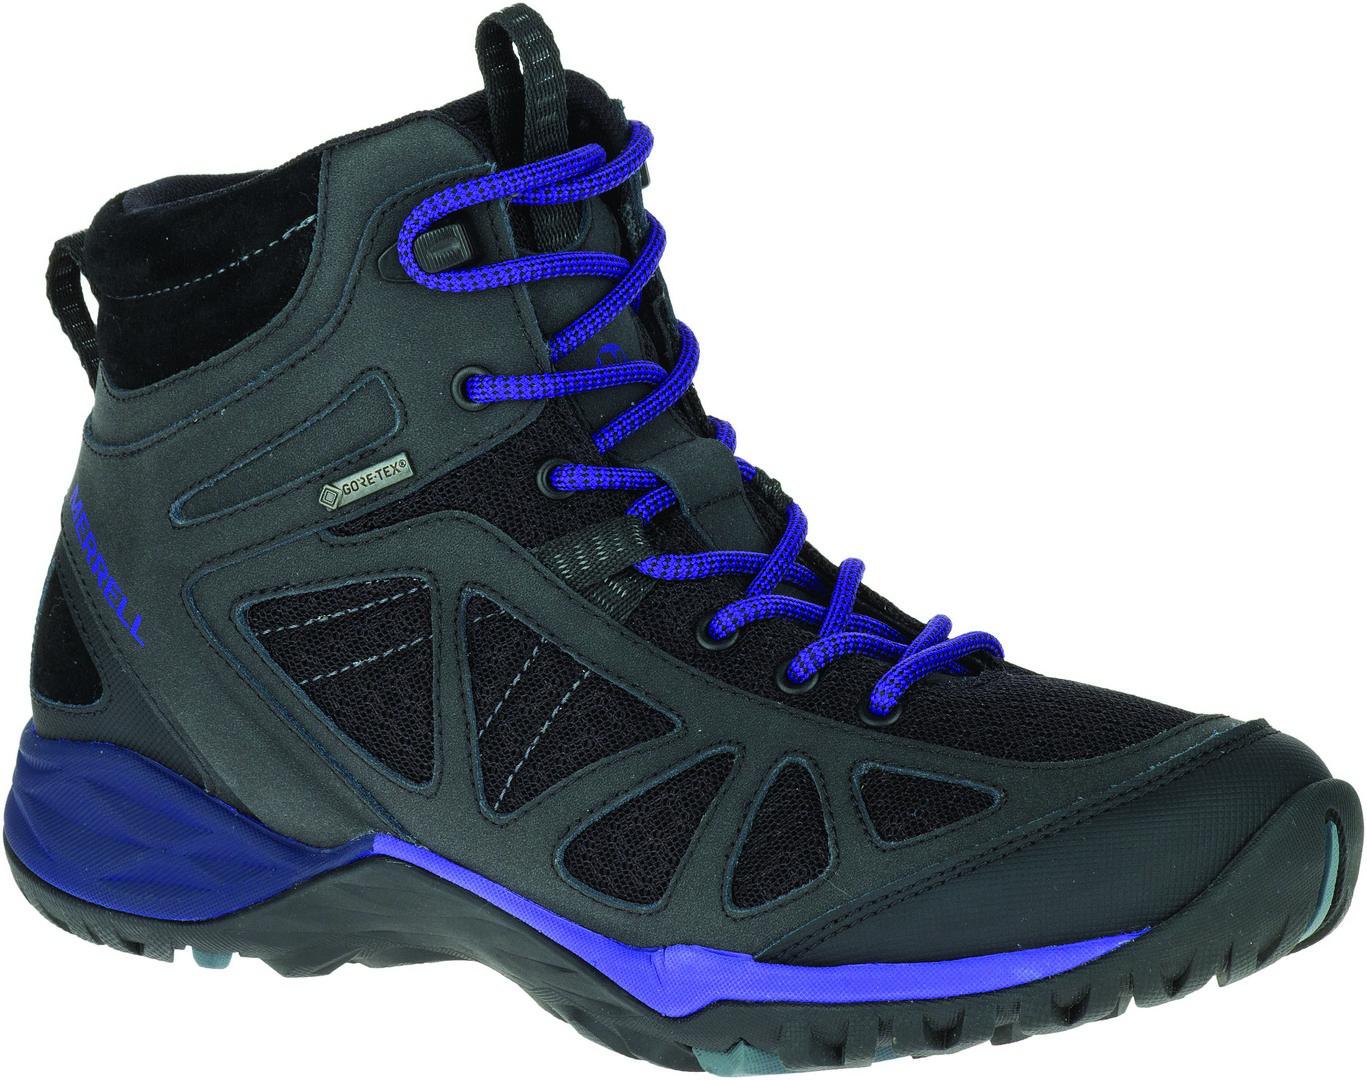 Merrell SIREN SPORT Q2 MID GTX, ženske planinarske cipele, siva